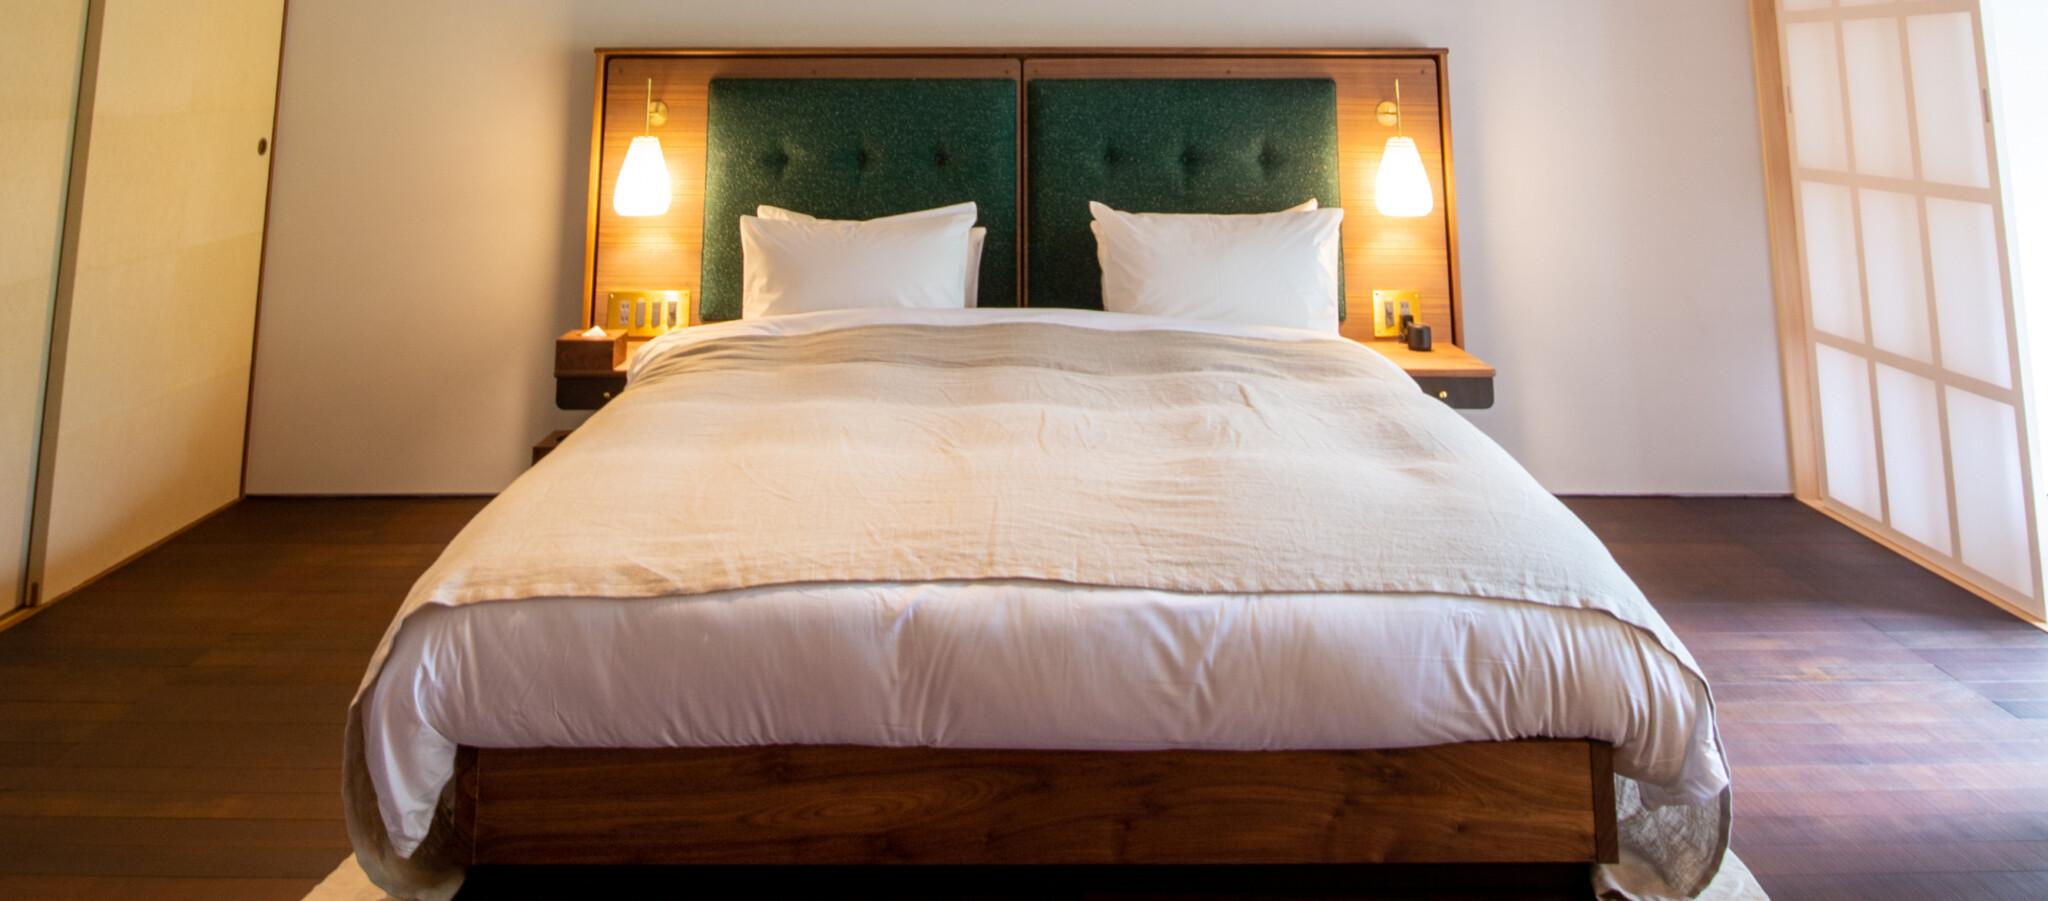 大人の京都旅へ。2021年開業のホテル〈嵐山邸宅 MAMA〉で過ごす贅沢な時間。